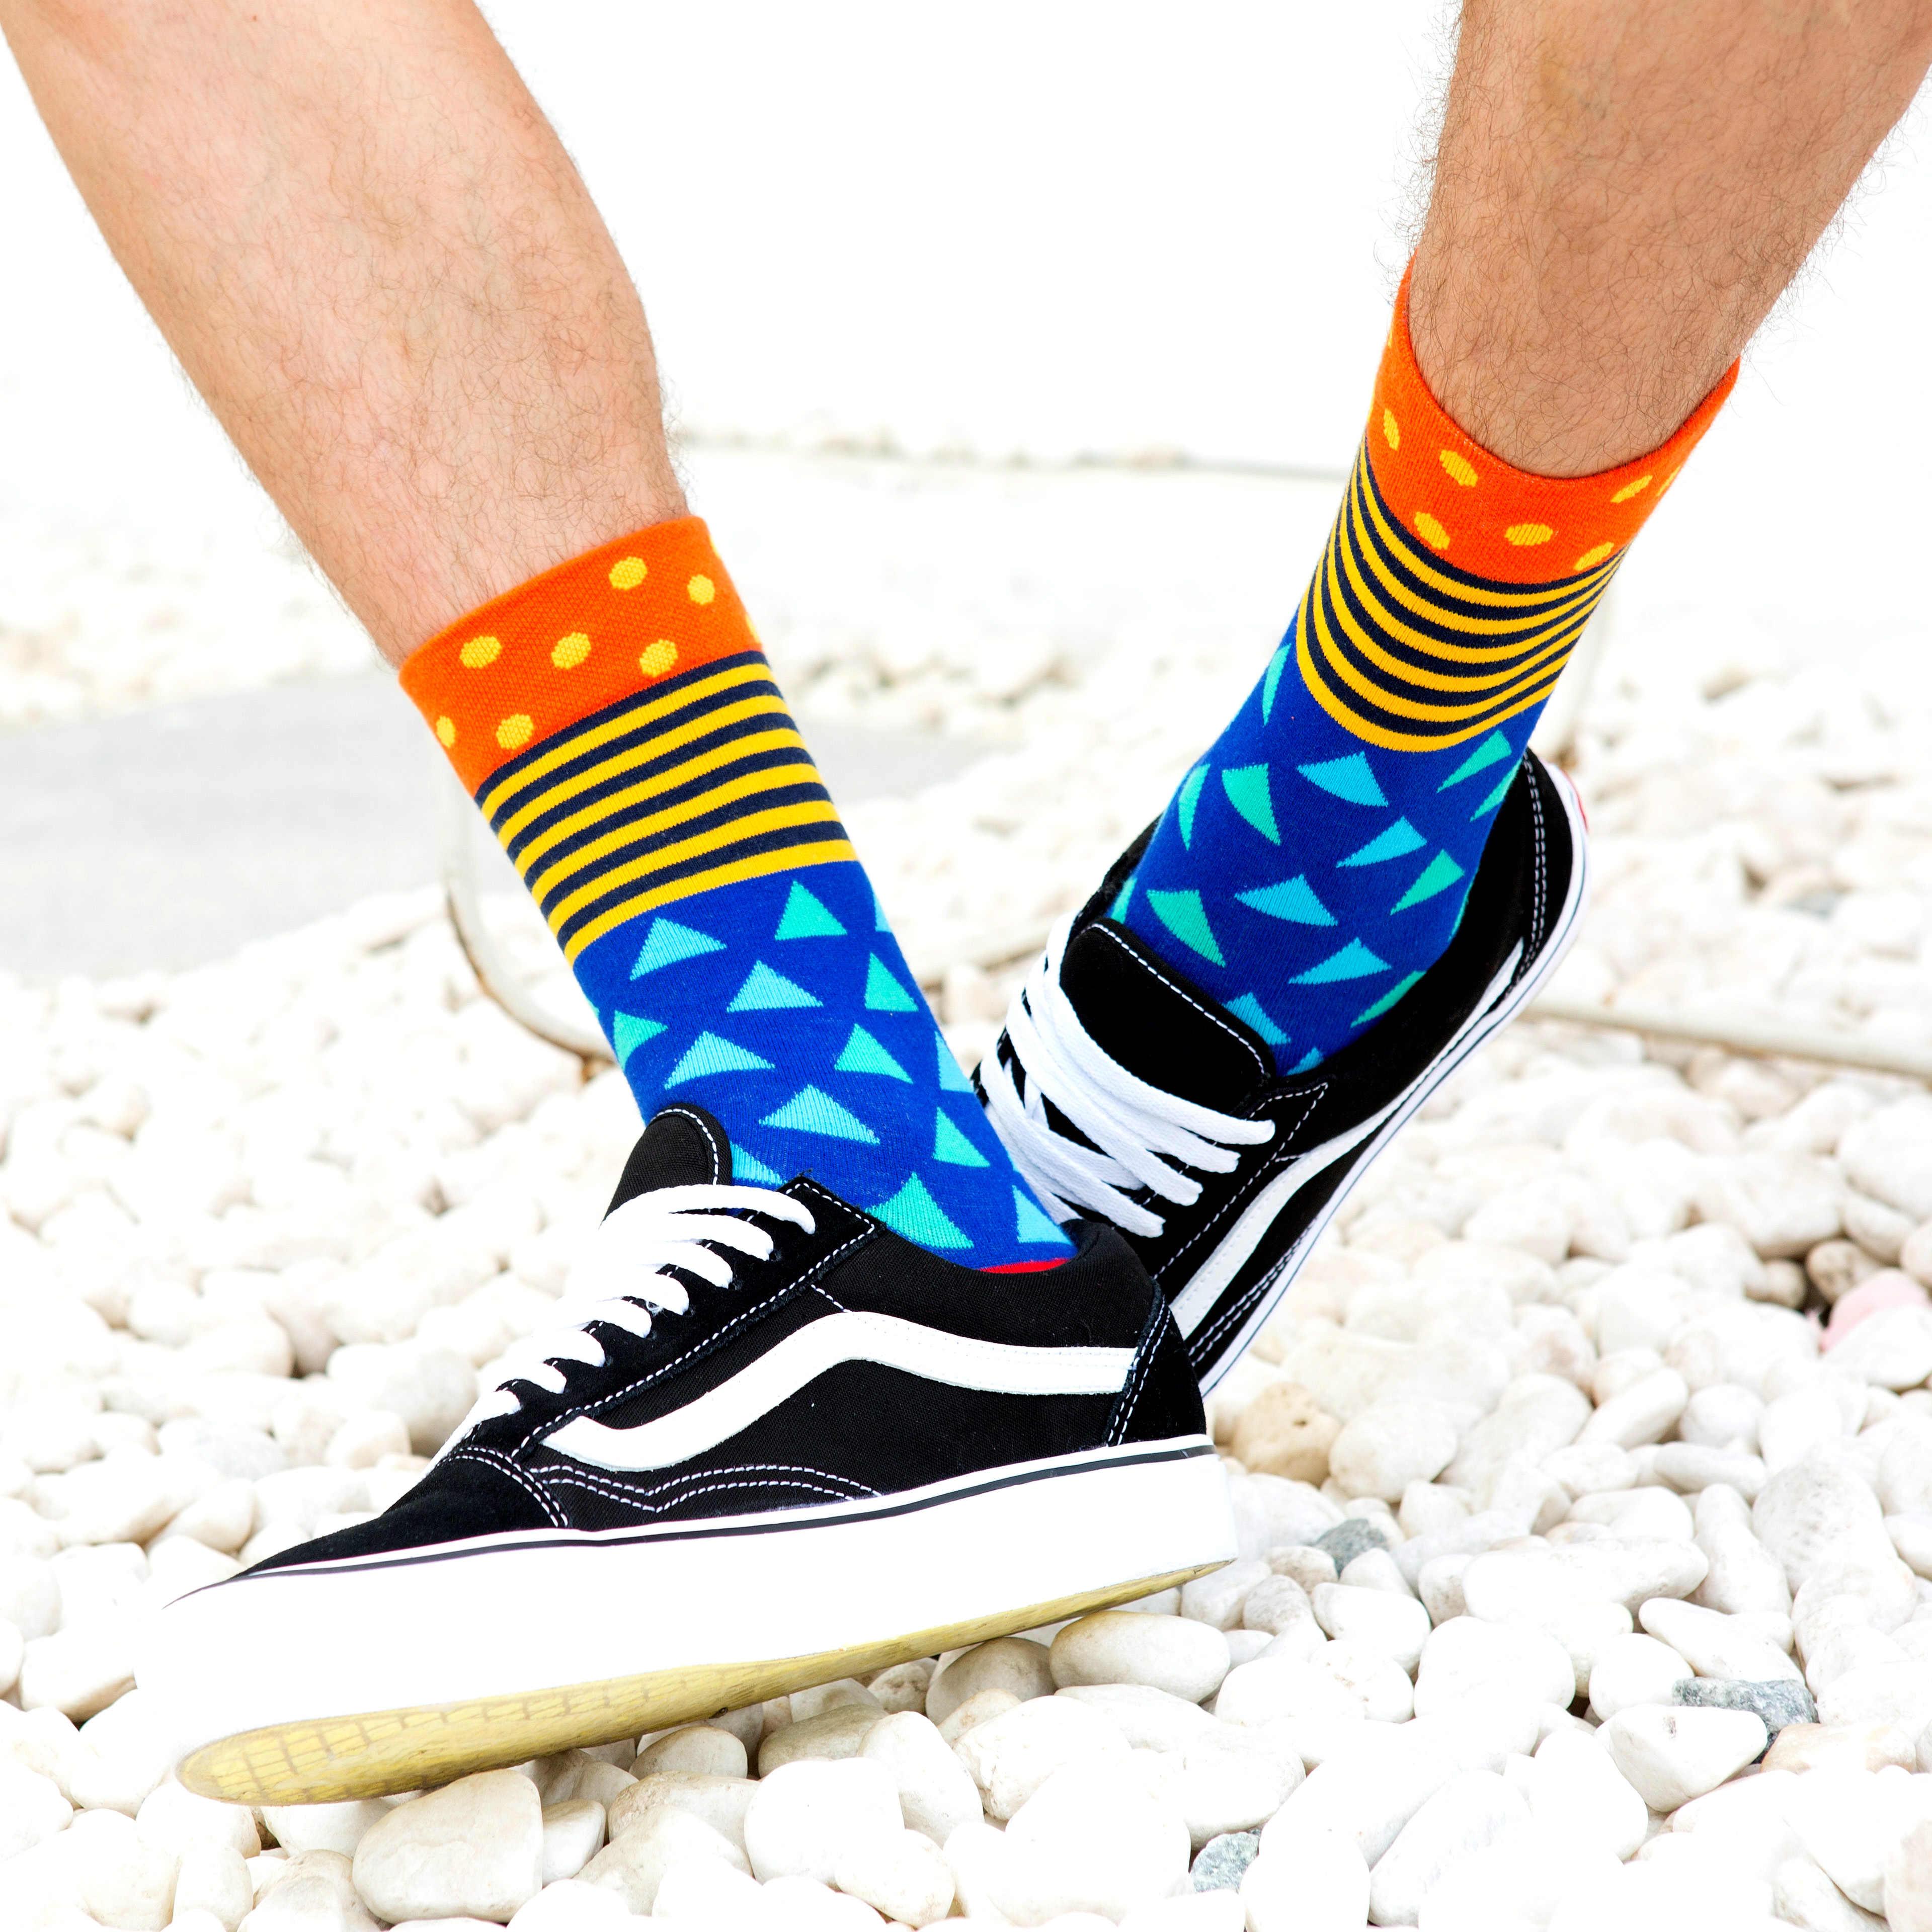 SANZETTI 10 пар/лот Красочные мужские носки из чесаного хлопка хип-хоп уличные счастливые носки для команды Свадебные вечерние мужские носки для подарка